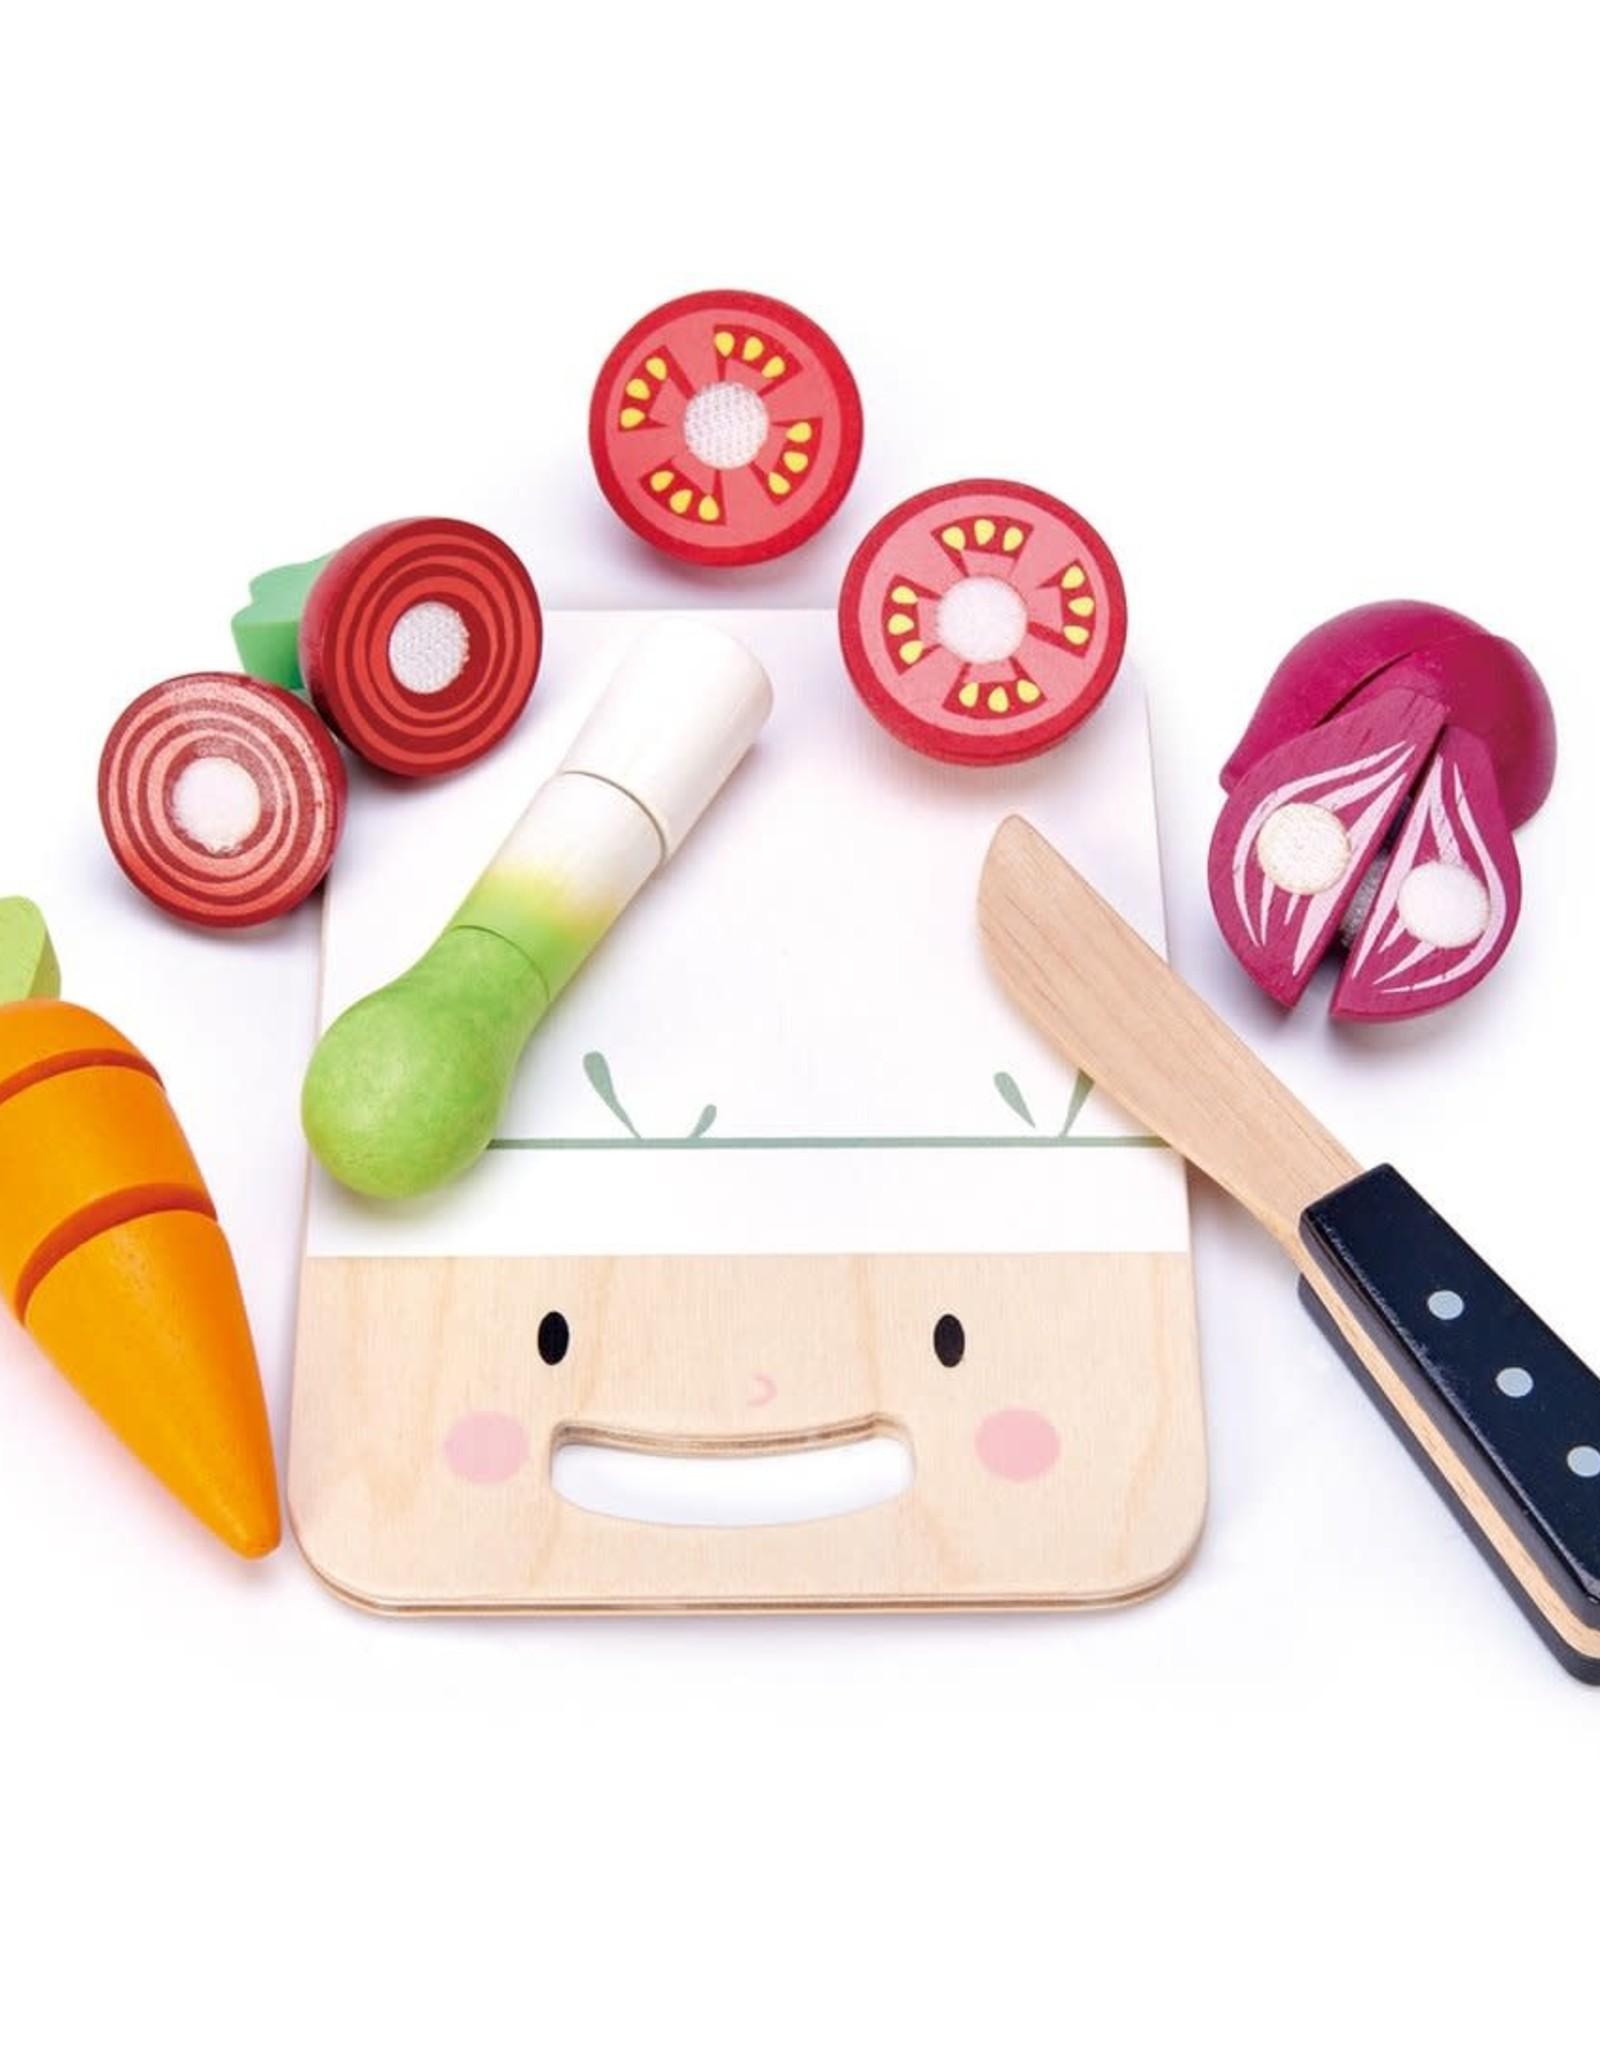 Tender Leaf Toys Mini Chef Chopping Board